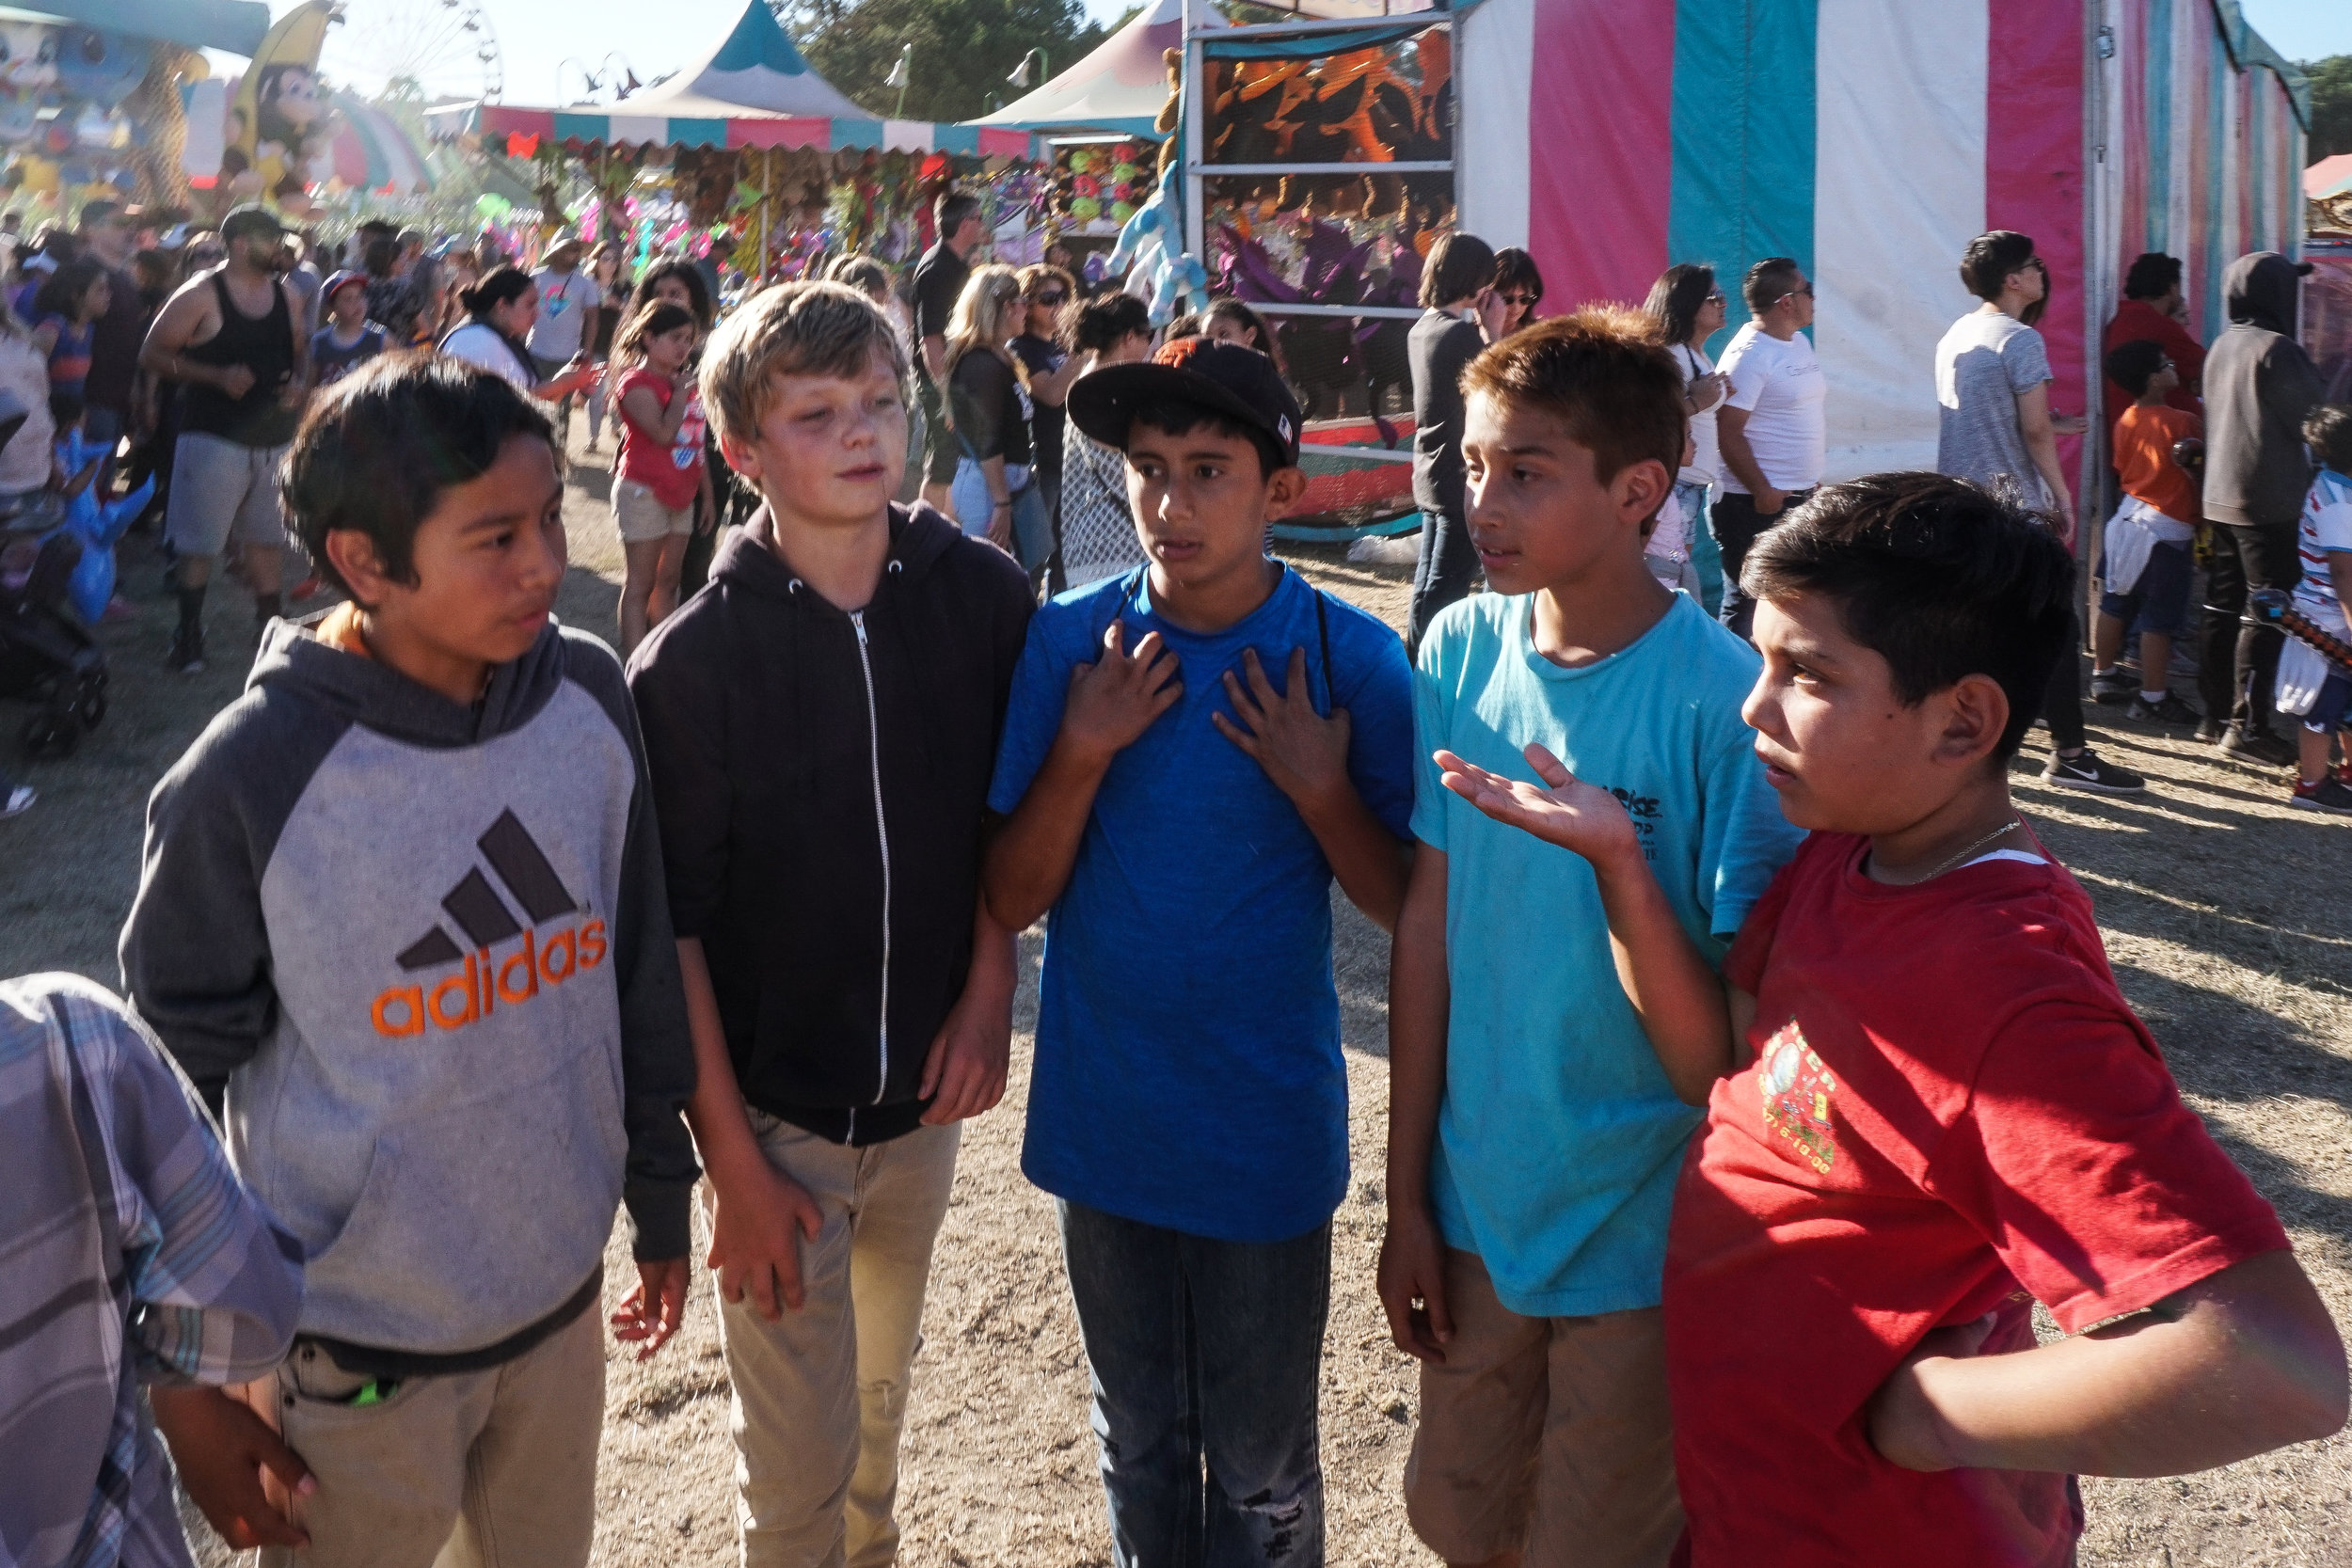 5-Boys-fair-1-02888.jpg